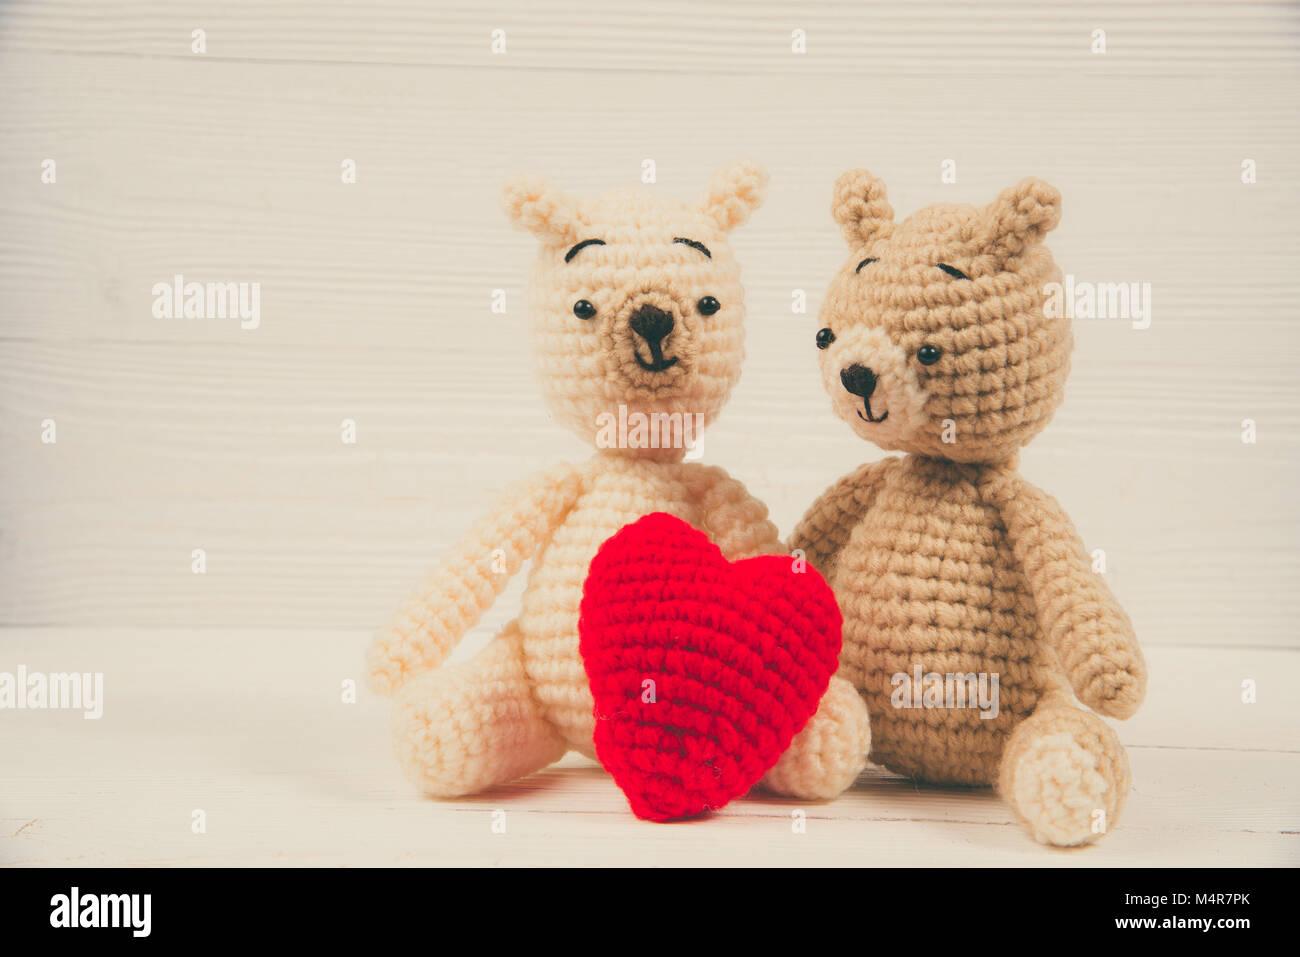 Paar Teddybär Mit Roten Herzen Häkeln Stricken Handarbeit Auf